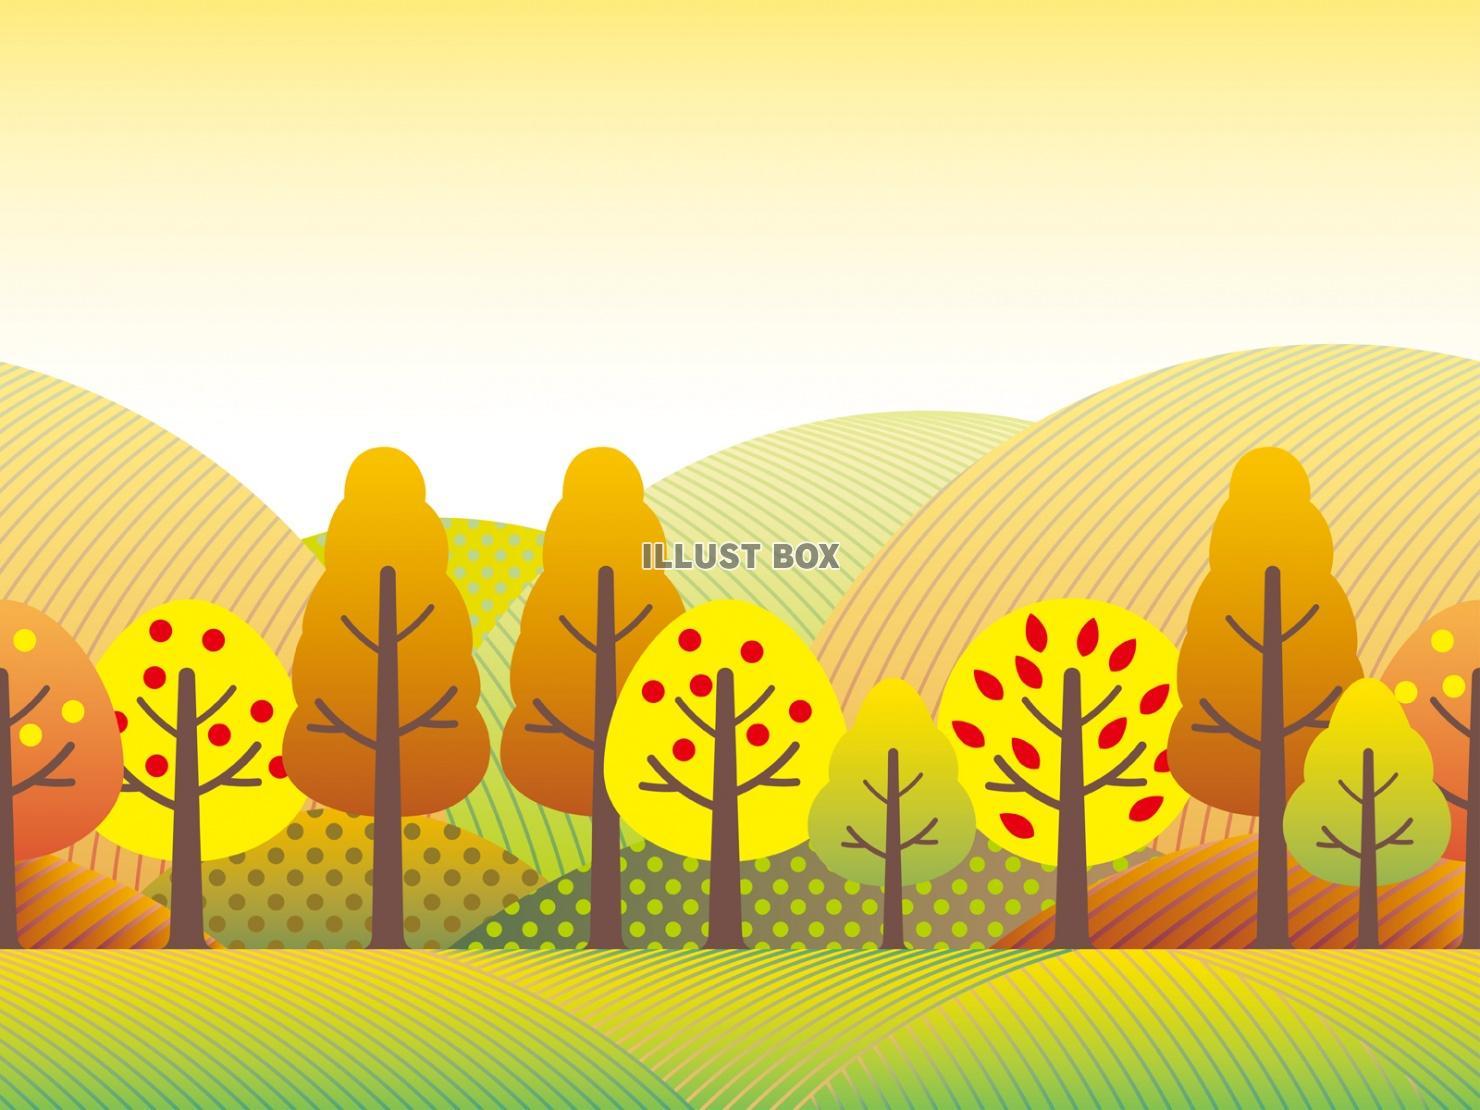 無料イラスト 秋の風景2 シームレスな田園のイラスト